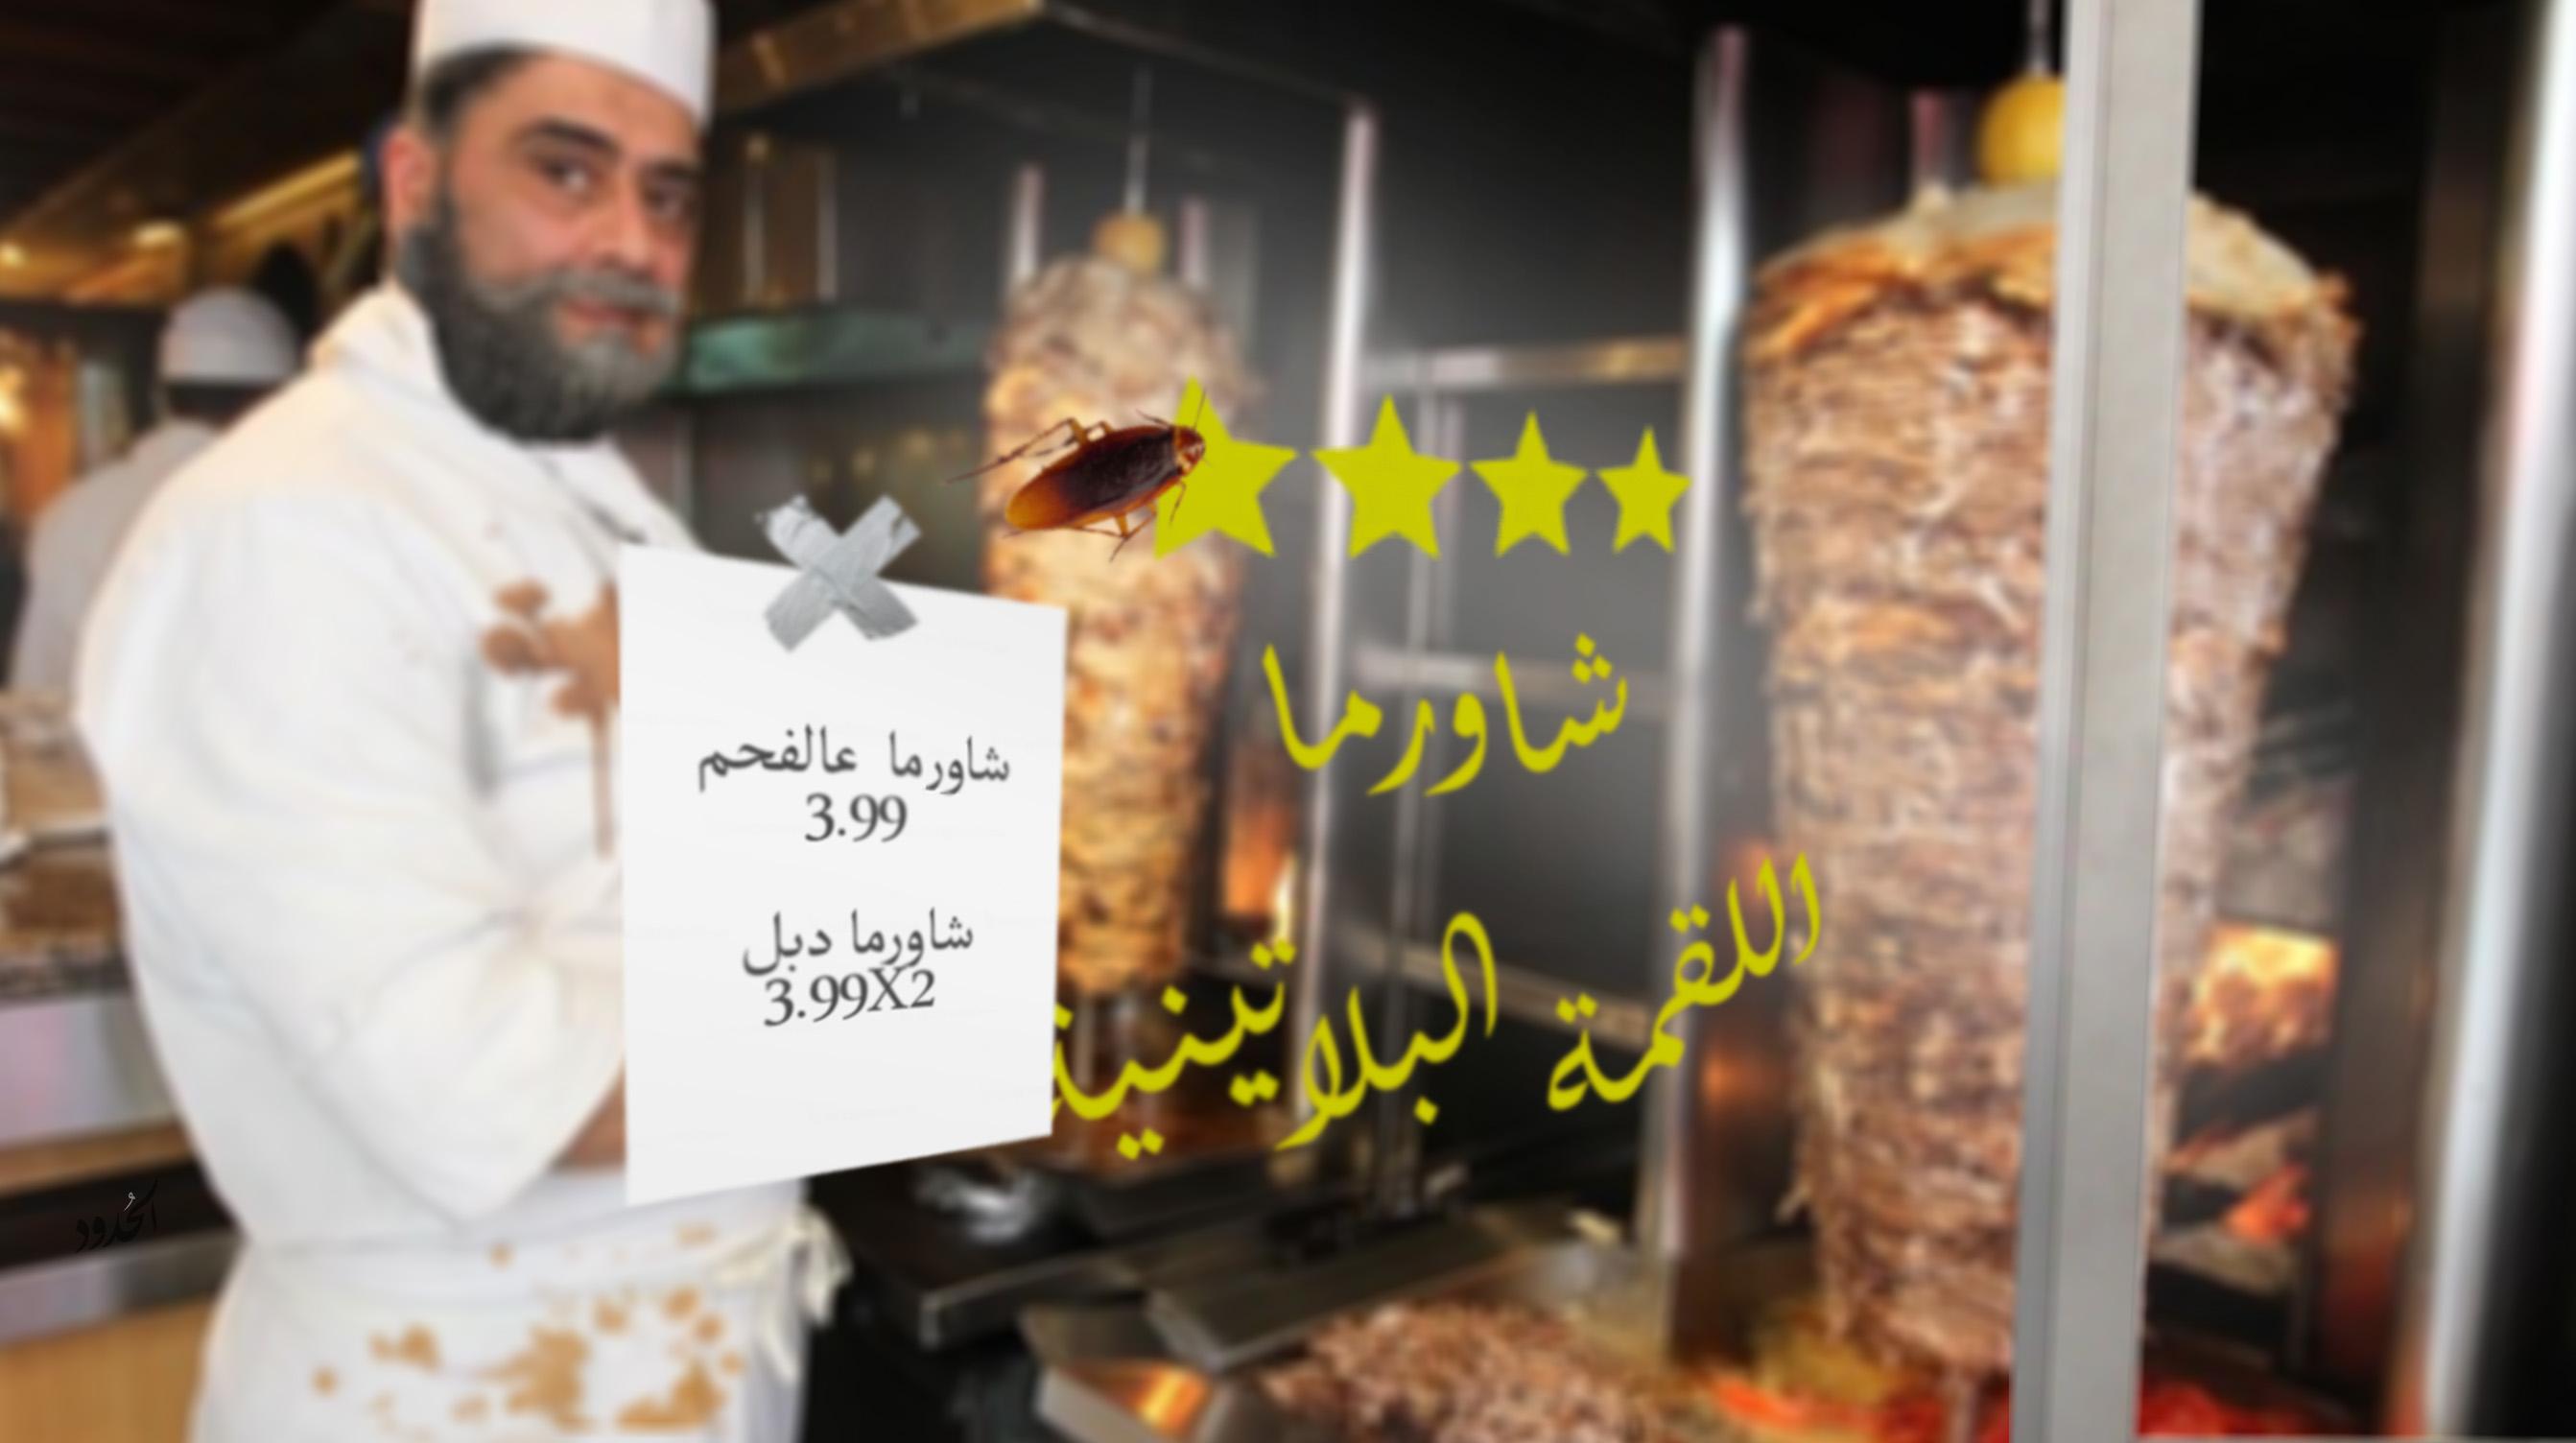 صورة مطعم شاورما يحصل على تصنيف أربع نجوم لعدم وجود عدد كبير من الصراصير بداخله